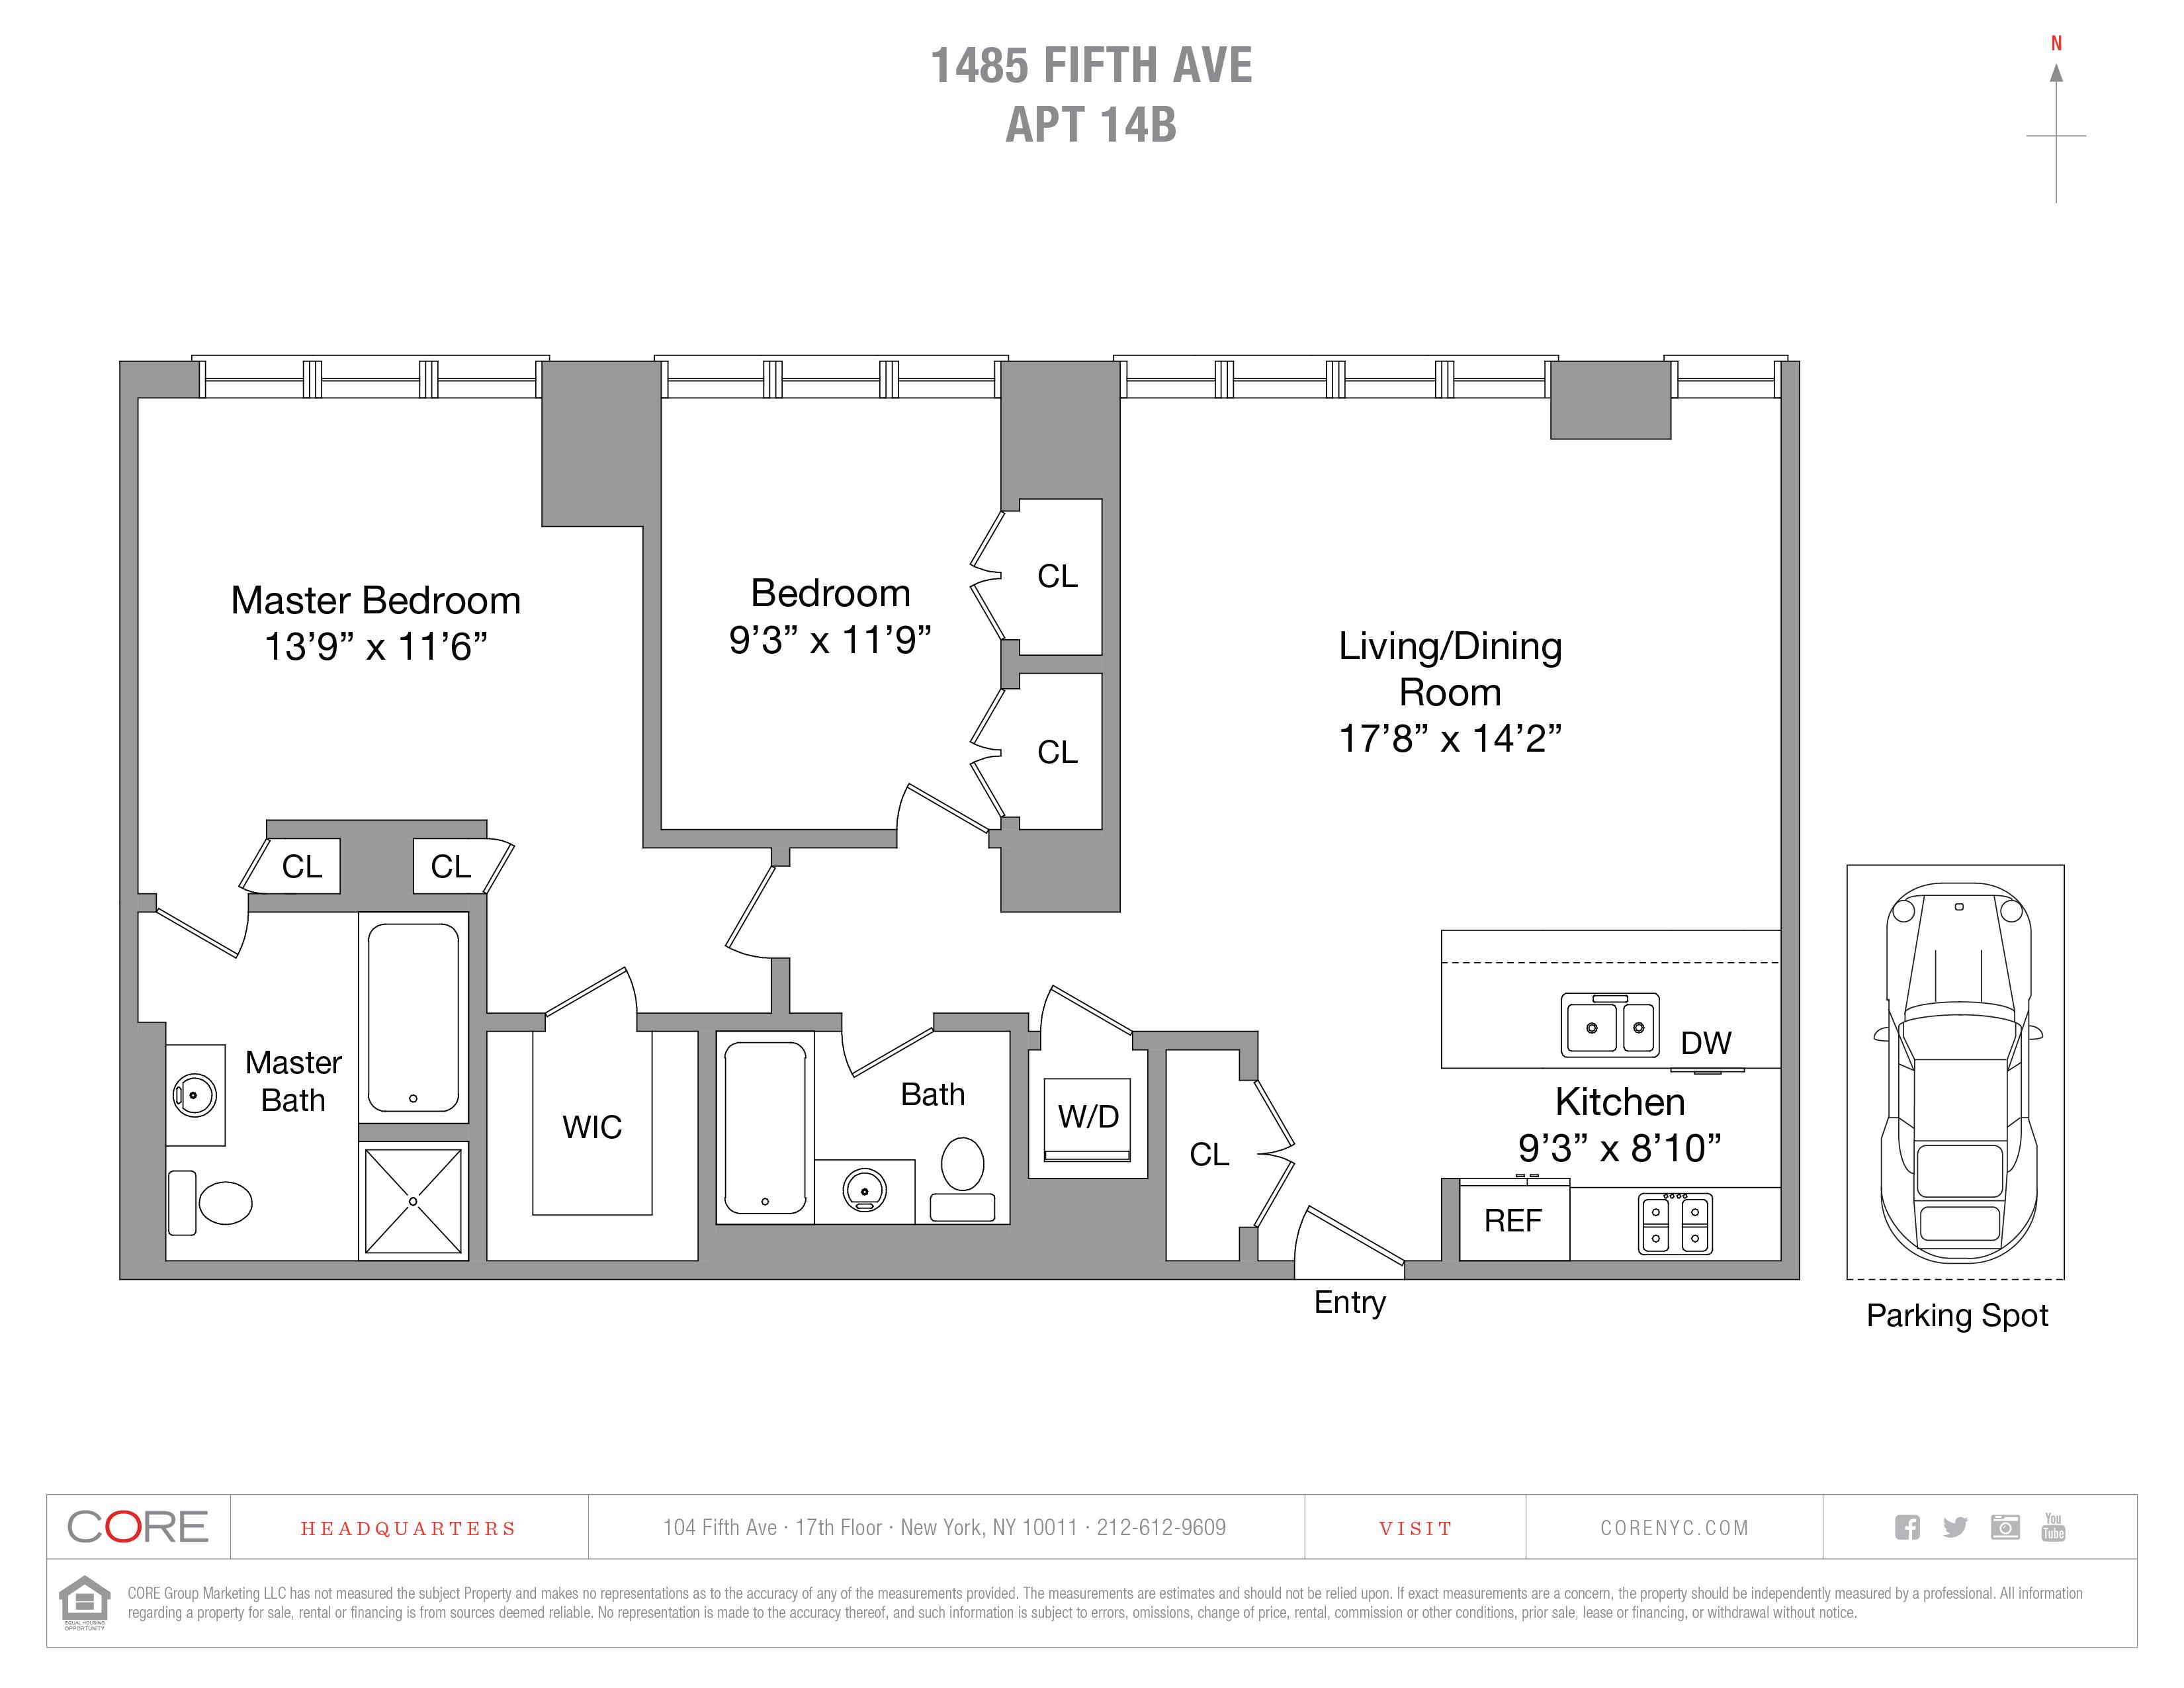 1485 Fifth Ave. 14B, New York, NY 10035